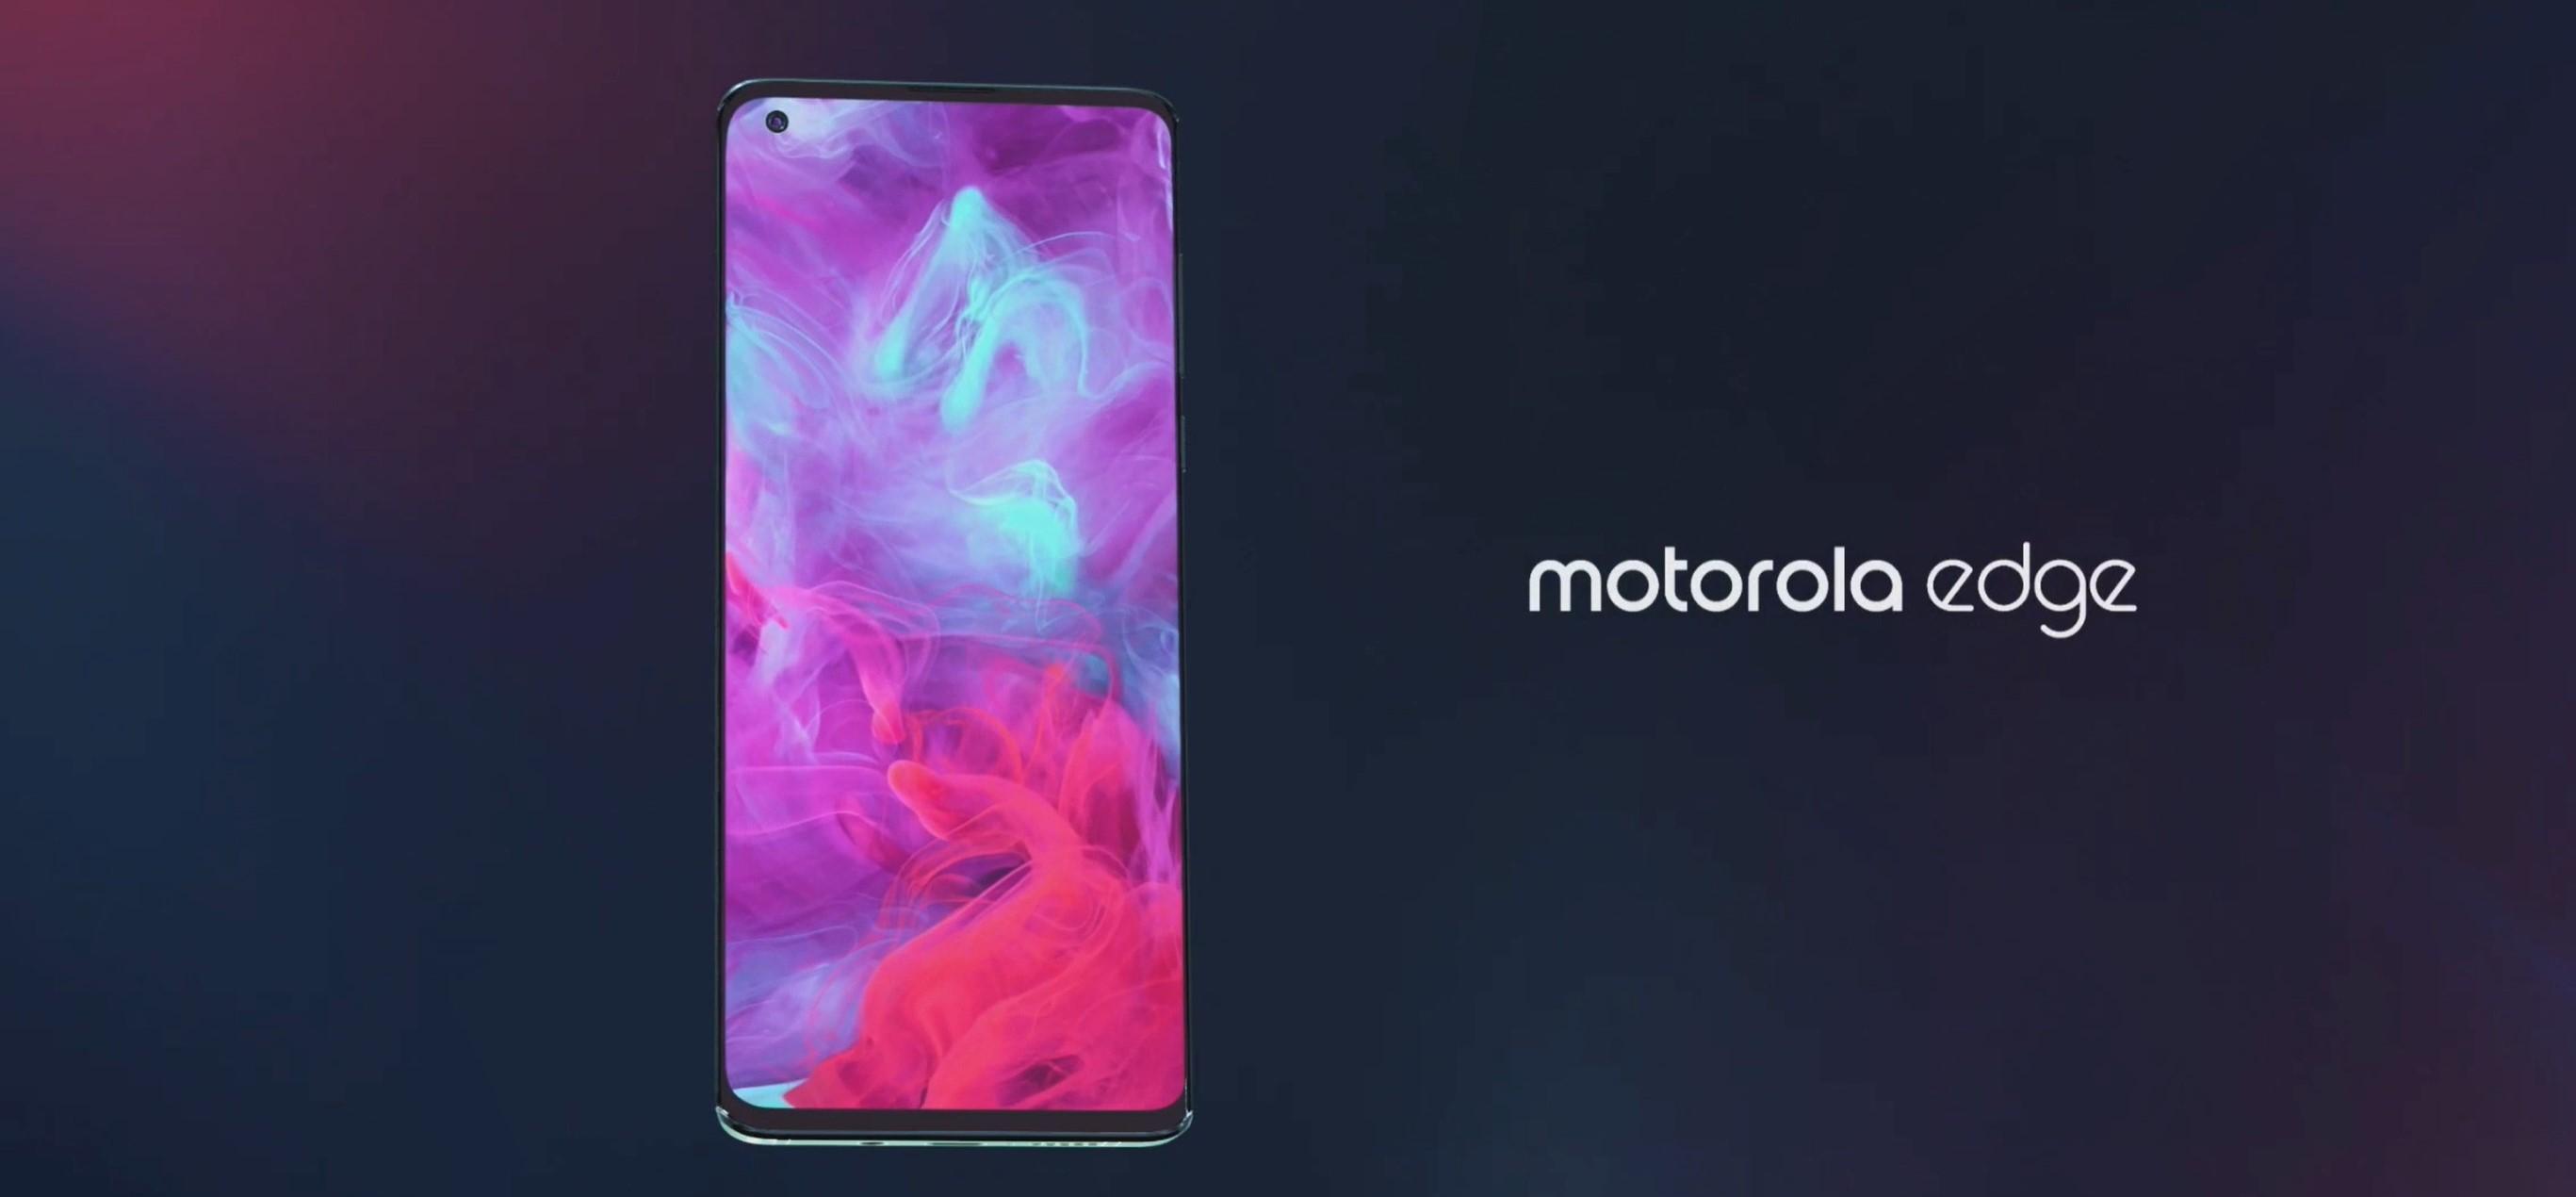 Motorola szykuje kolejnego flagowca. Już wiem, że go skrytykujecie